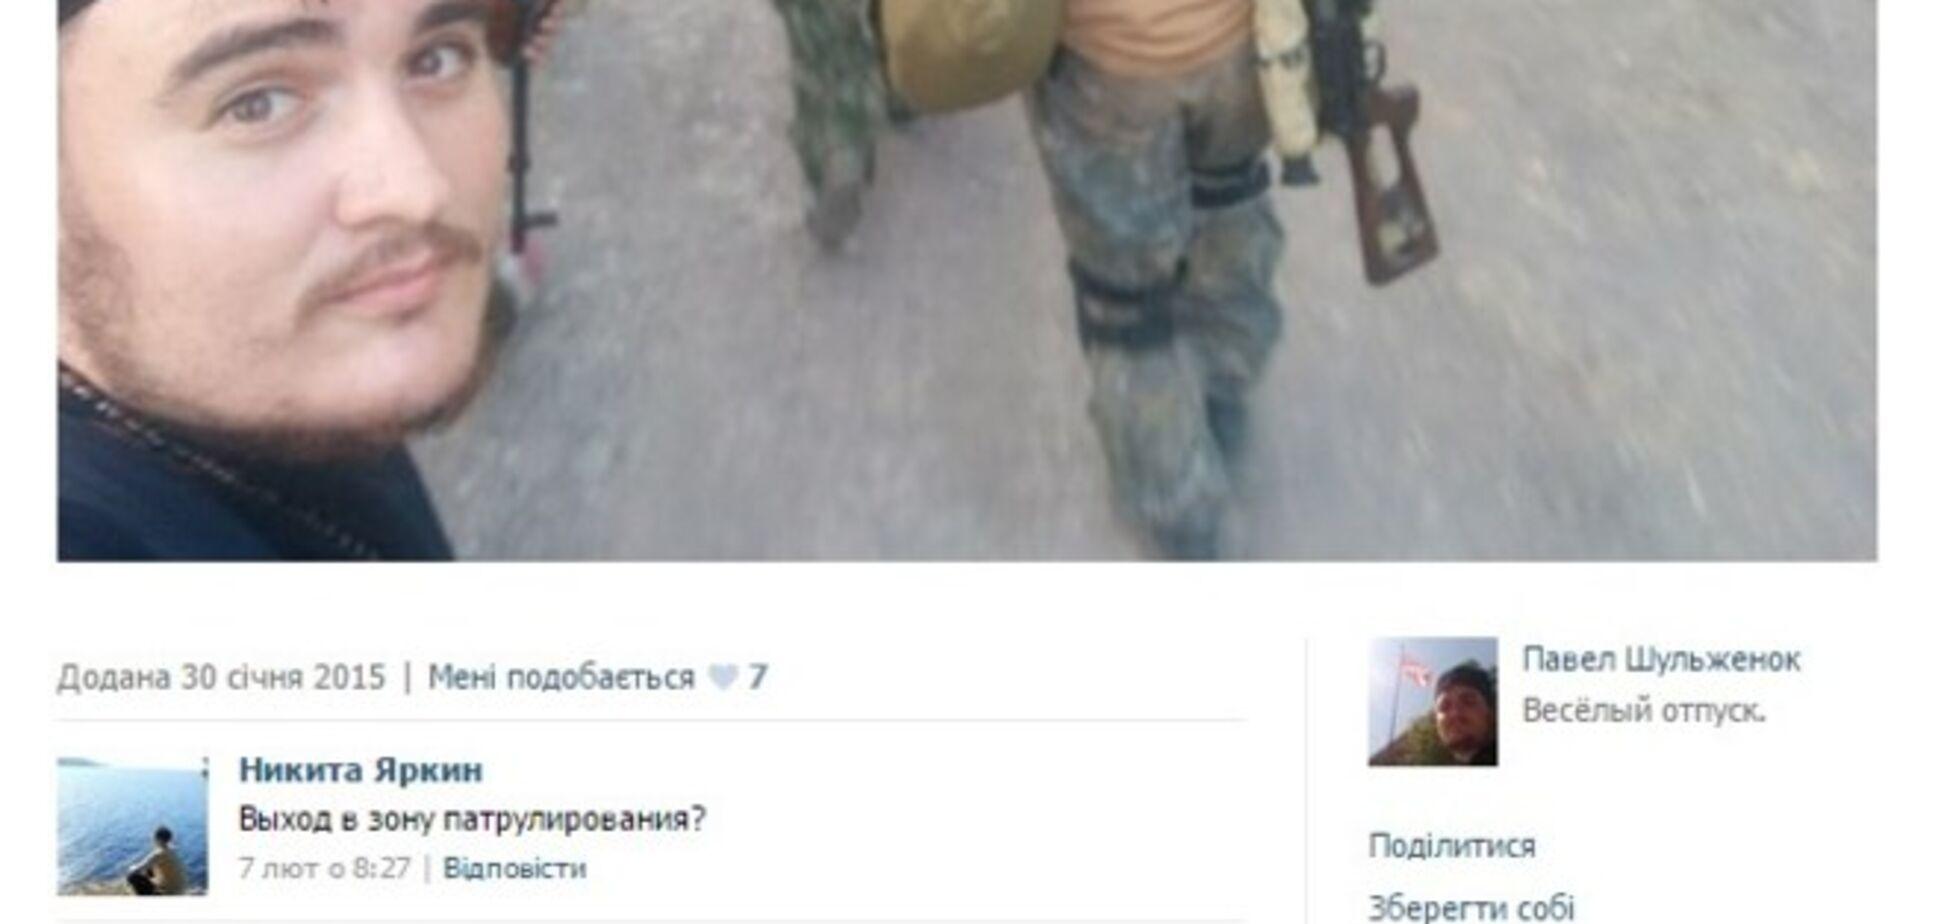 В Петербурге ненавидящих Украину клириков РПЦ отстранили от служения, но один из них снова прославляет боевиков